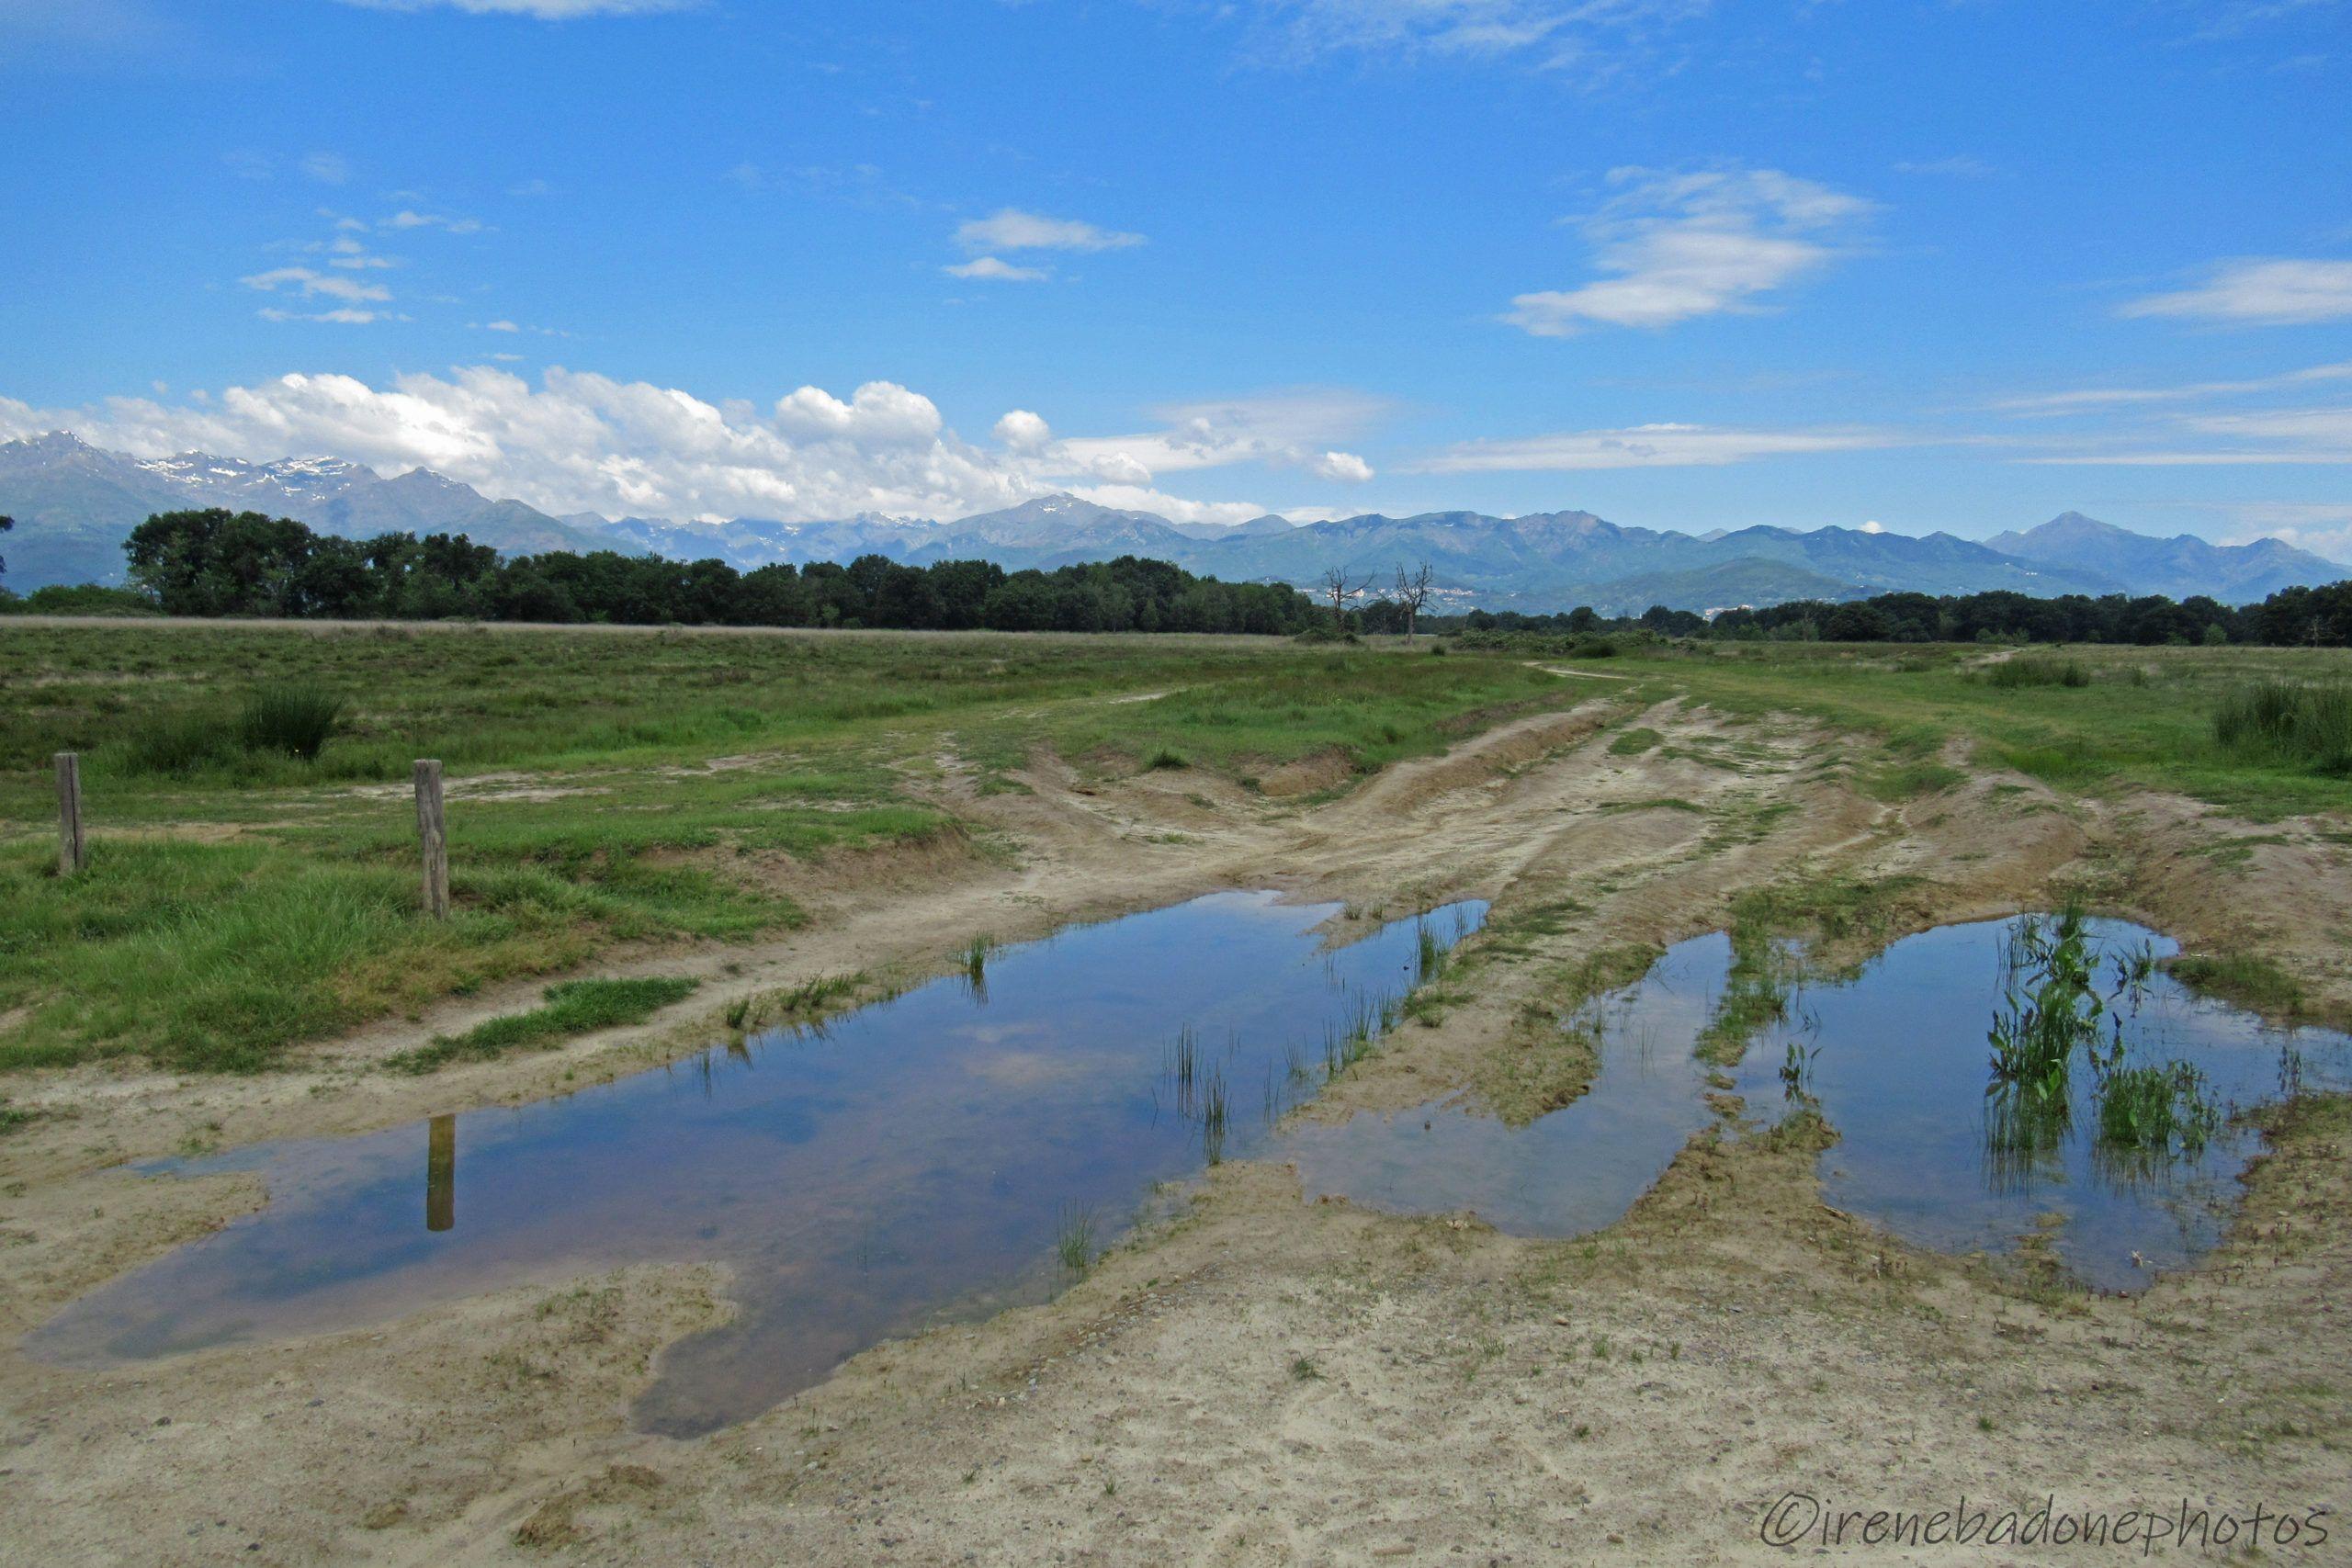 Inizio del percorso nella Riserva Naturale delle Baragge